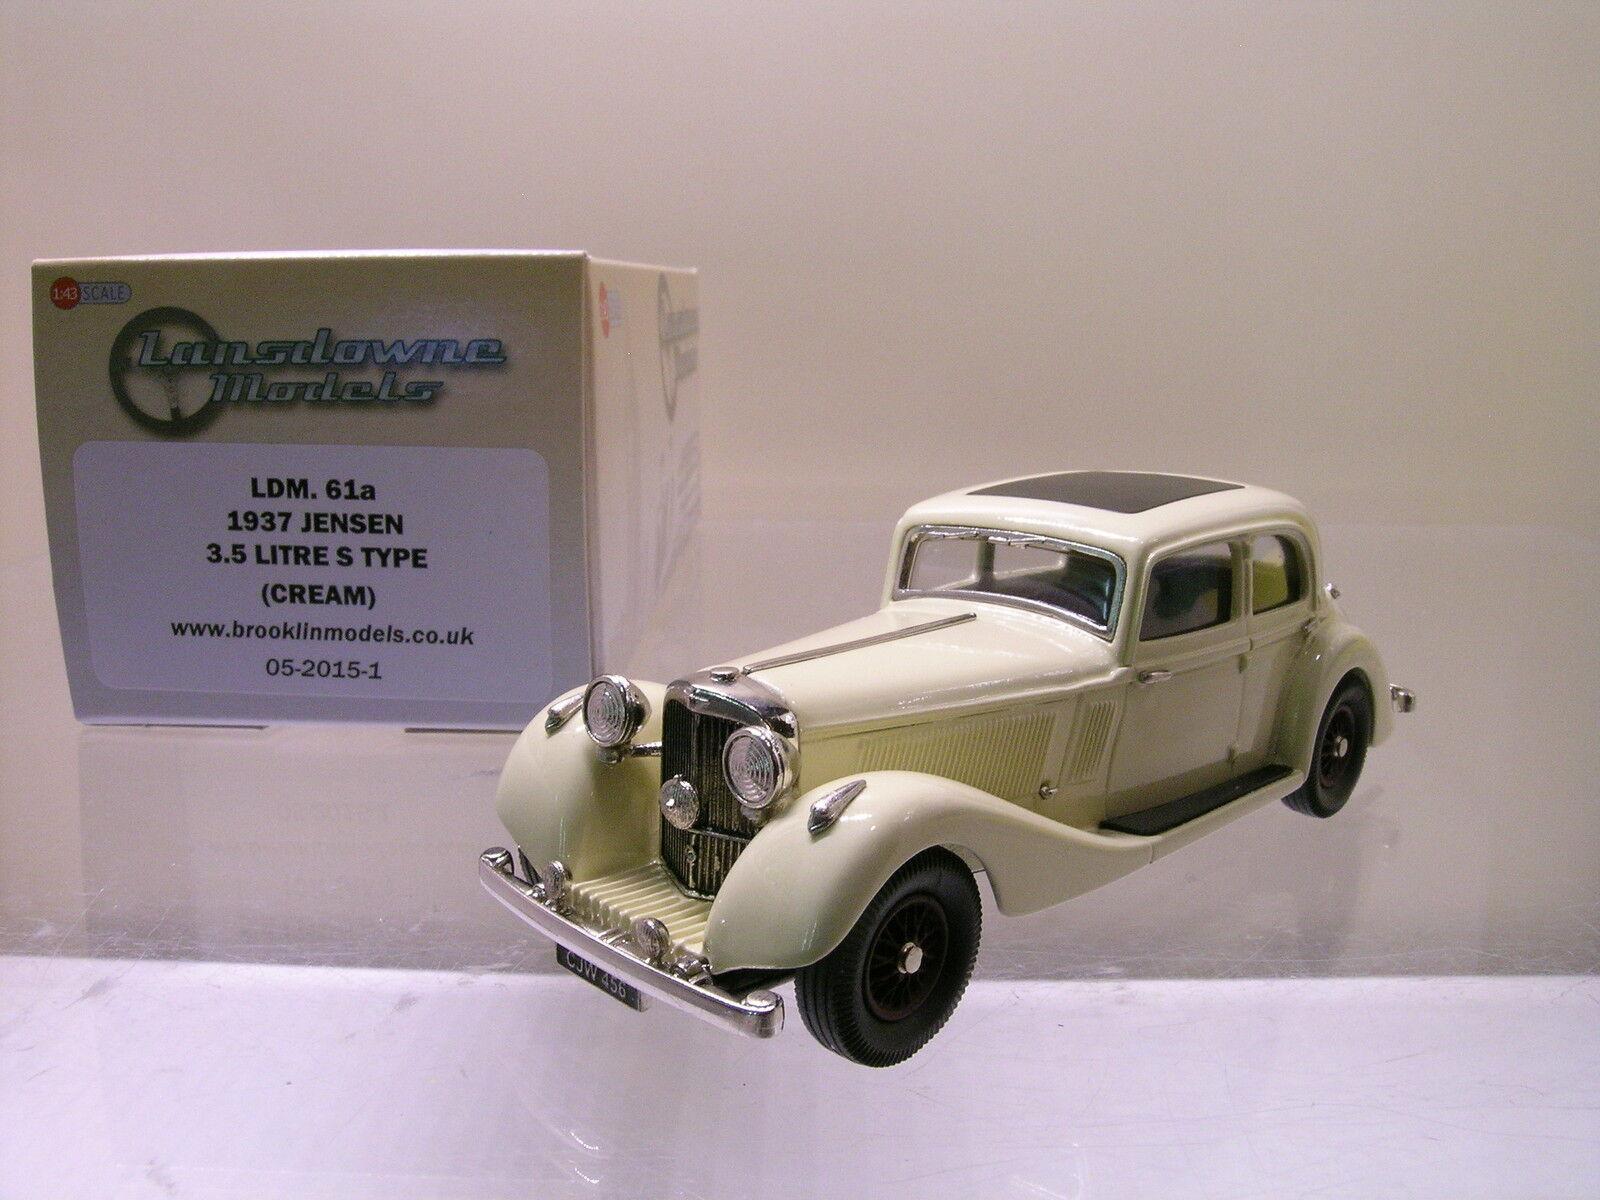 LANSDOWNE MODELS LDM 61A JENSEN 3,5 LITRE S-TYPE 1937 COLOUR CREAM+BOX 1 43